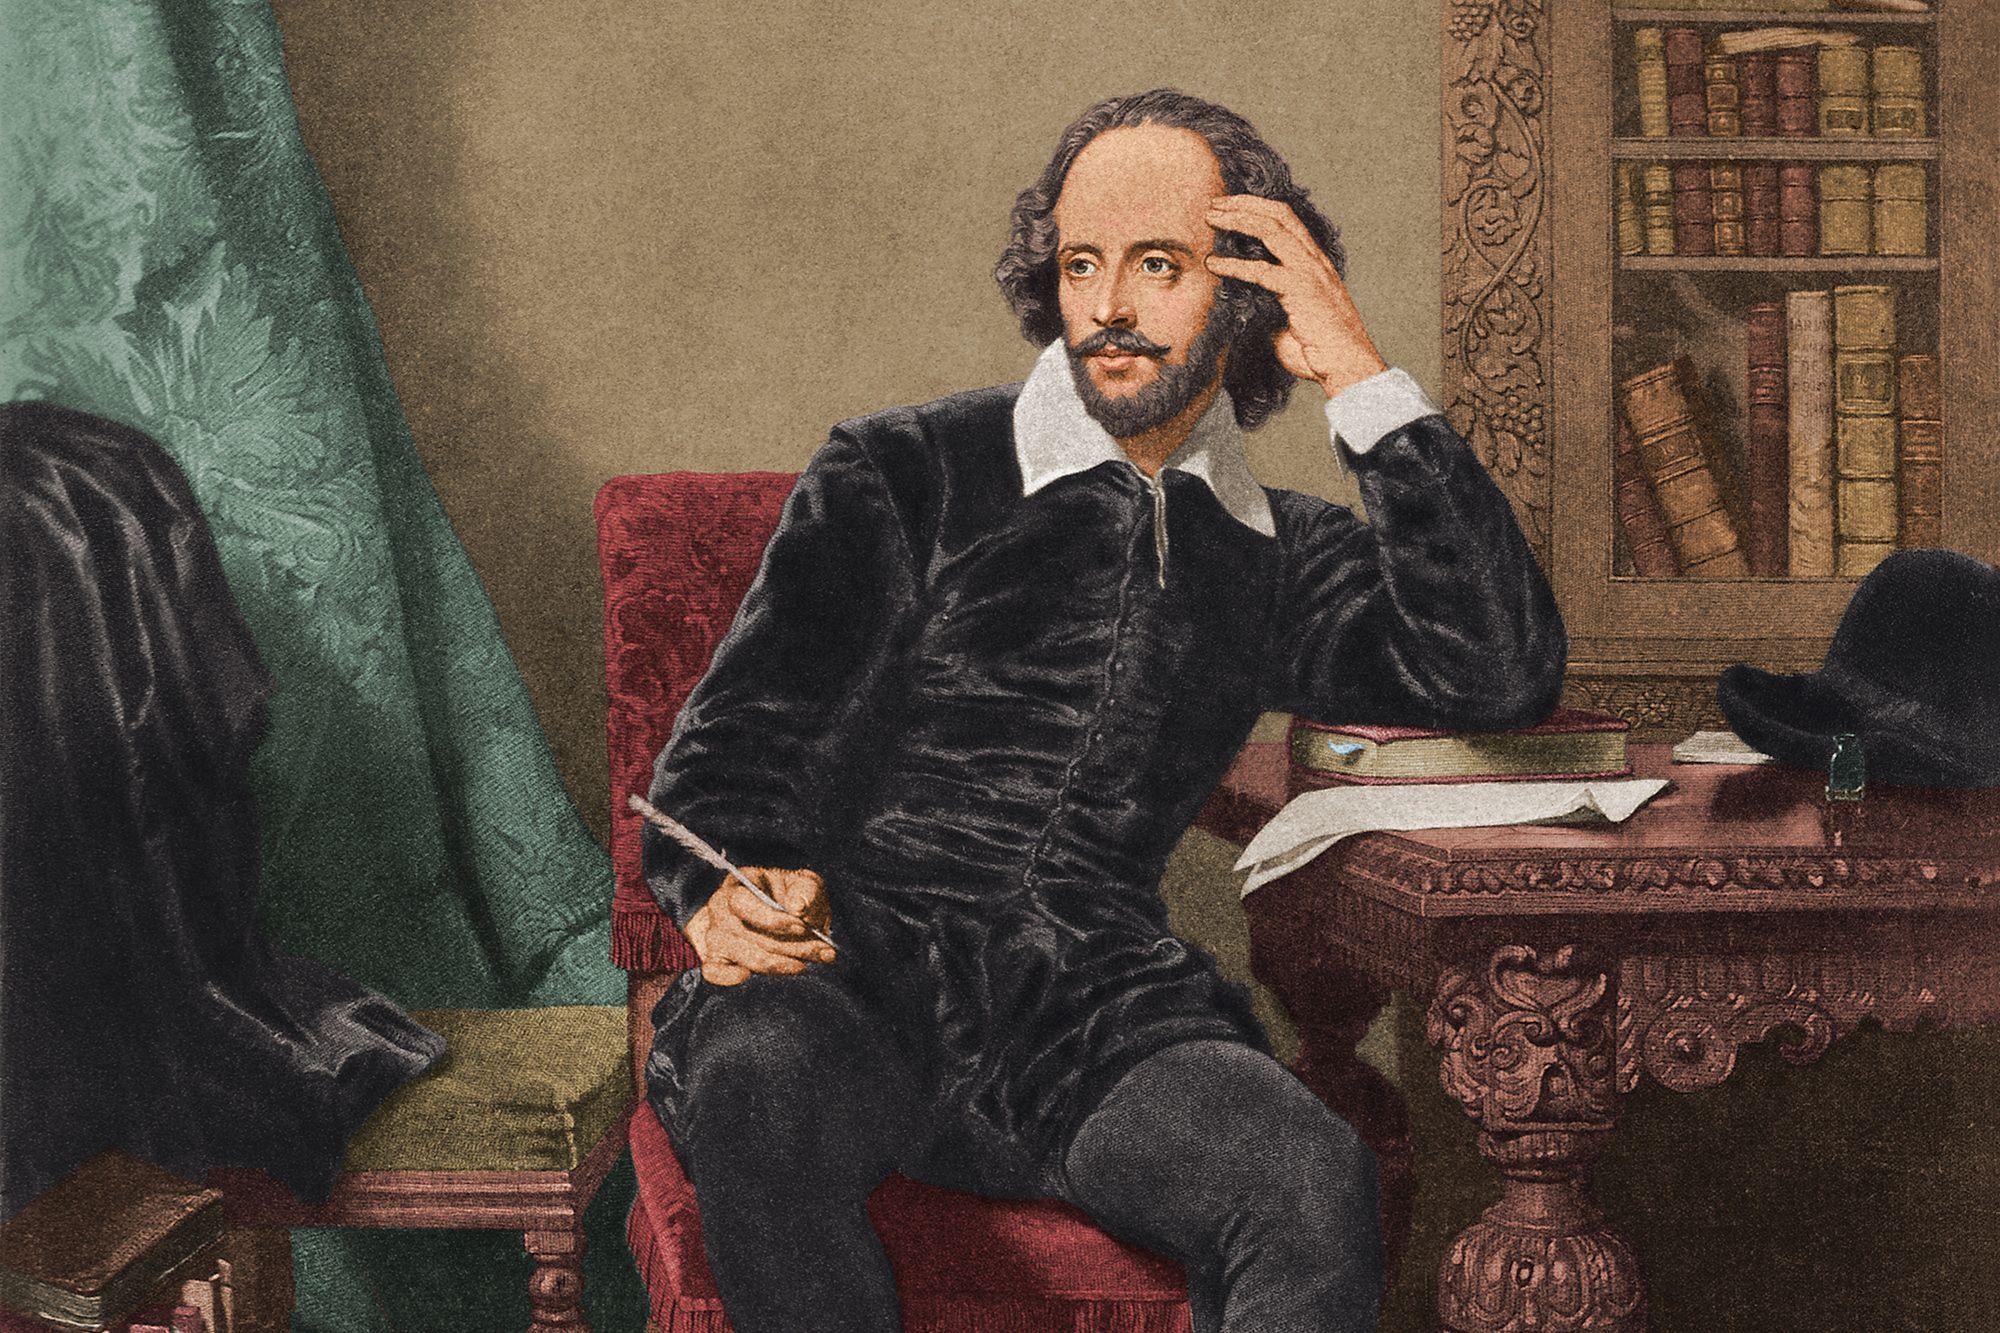 Шекспір расизм